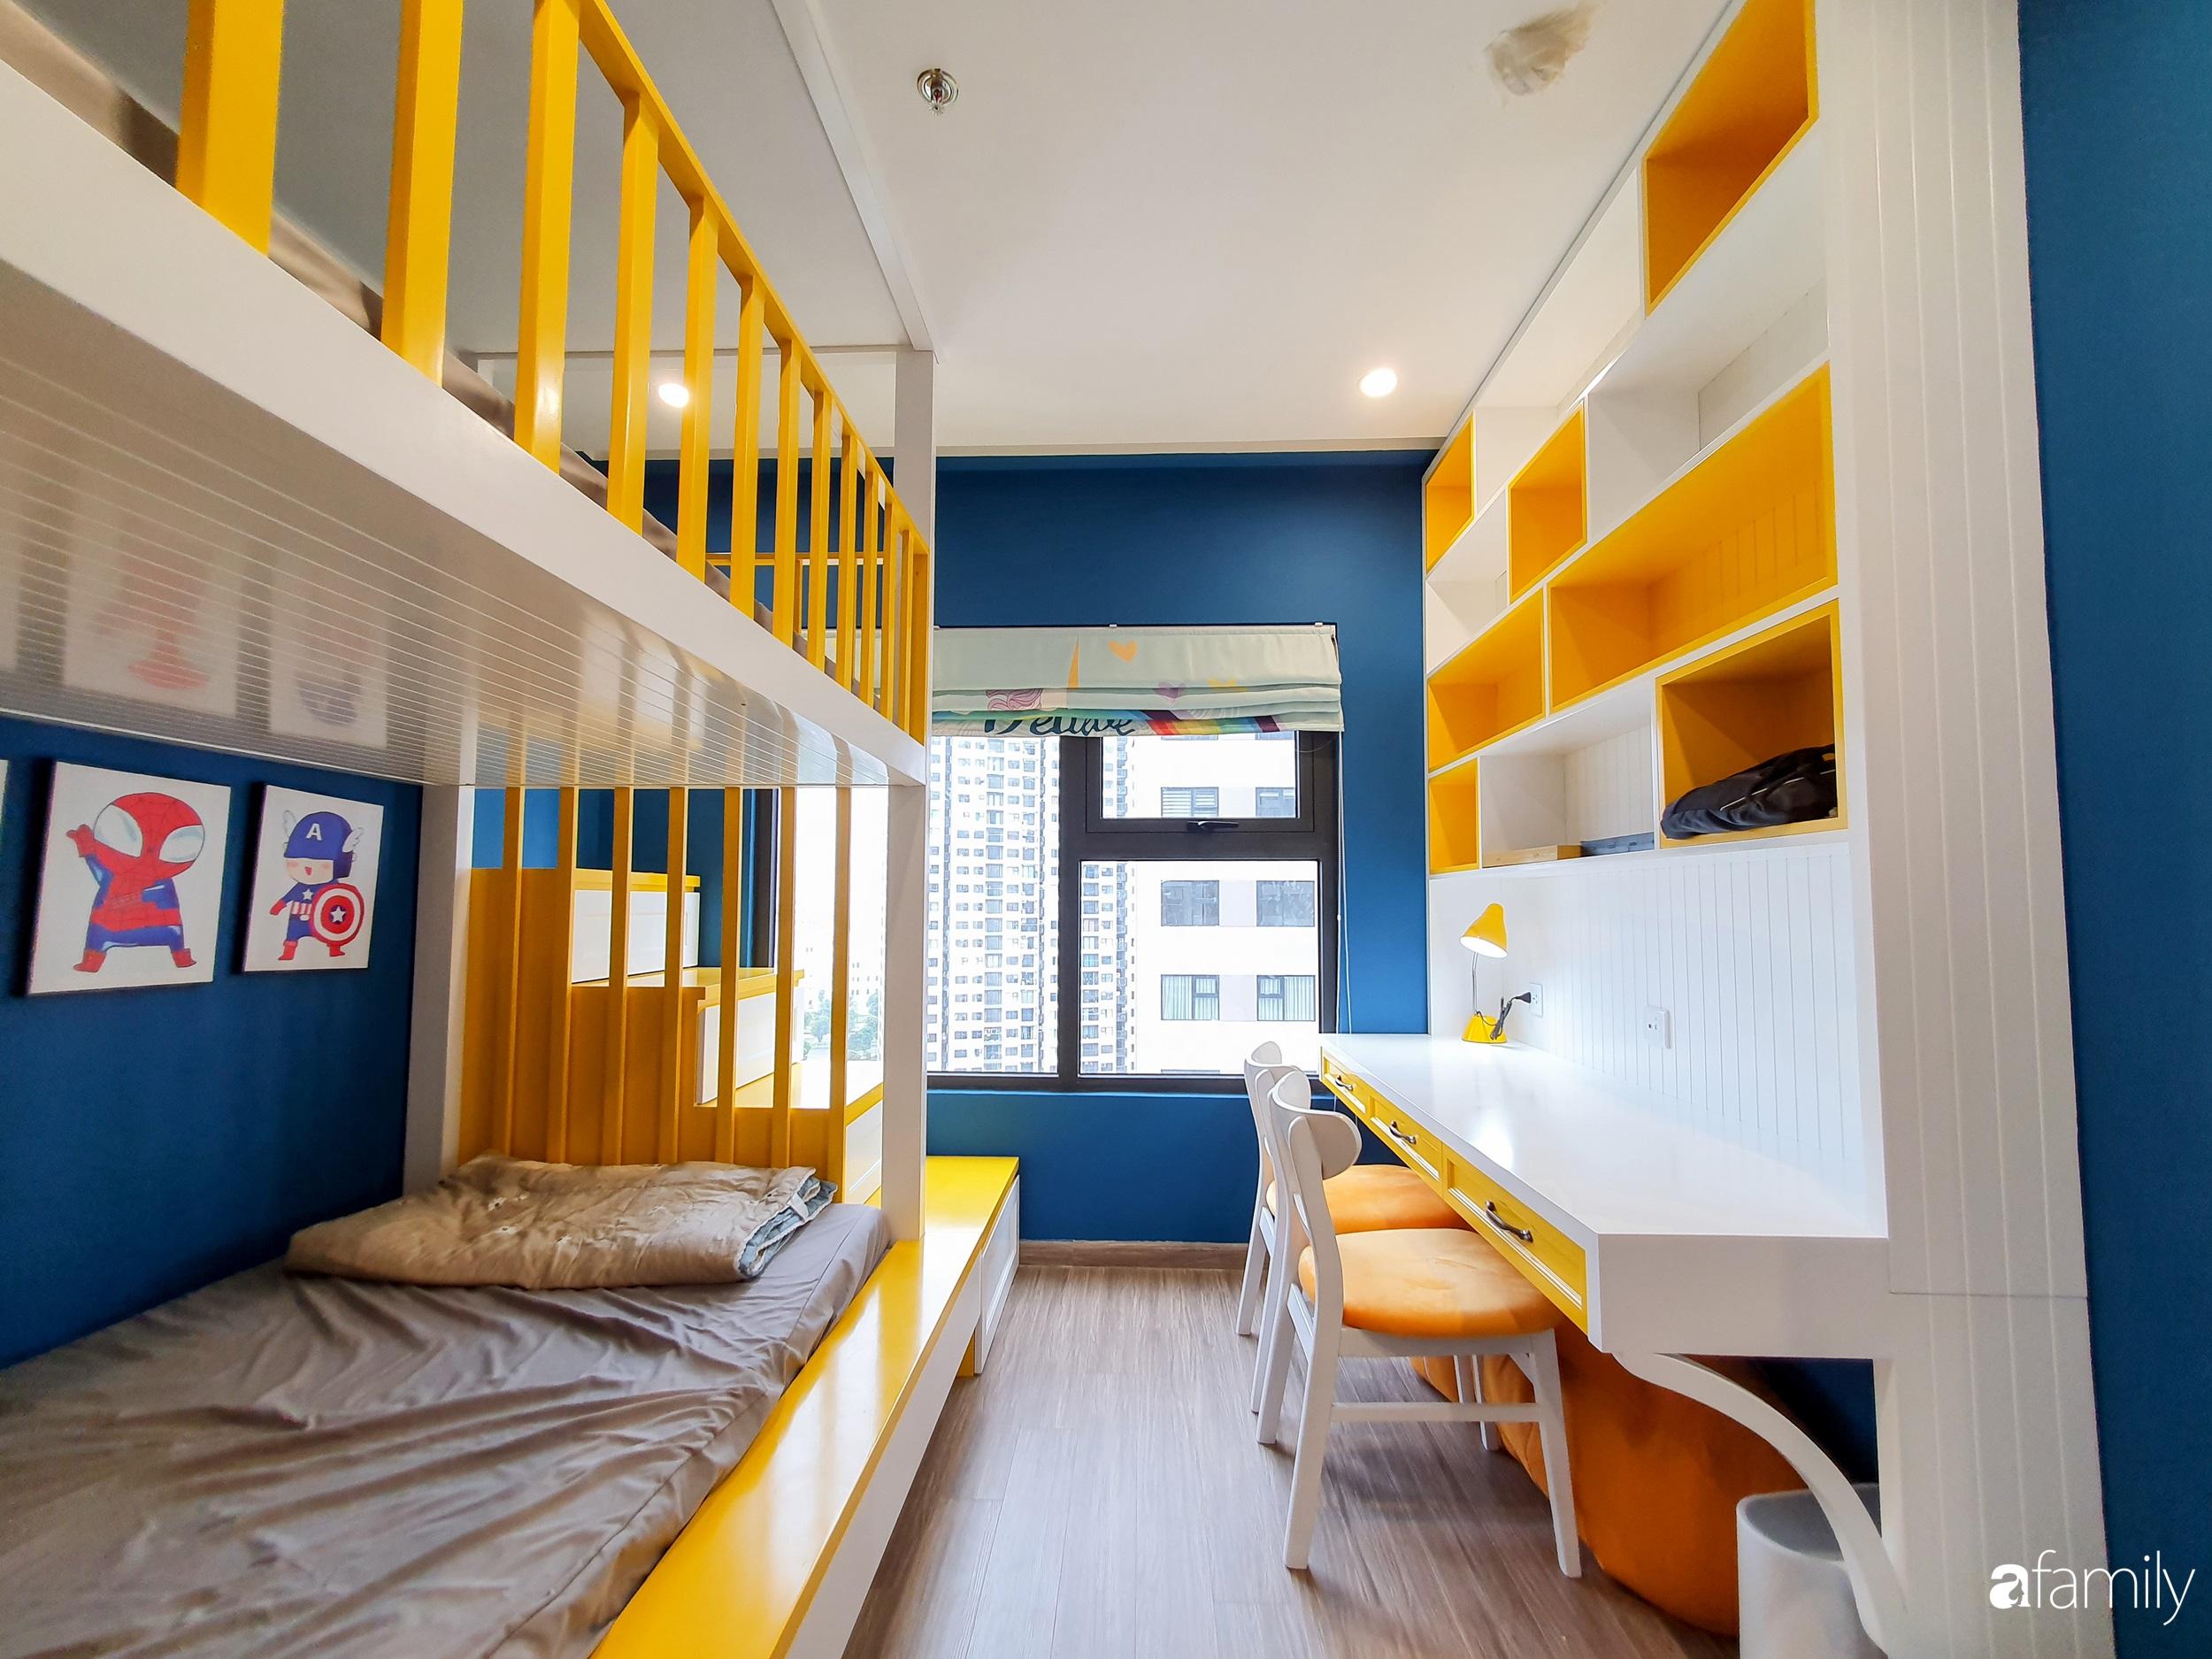 Căn hộ 75m² cá tính với cách phối màu vàng - xanh tinh tế có chi phí hoàn thiện 270 triệu đồng ở Hà Nội - Ảnh 15.